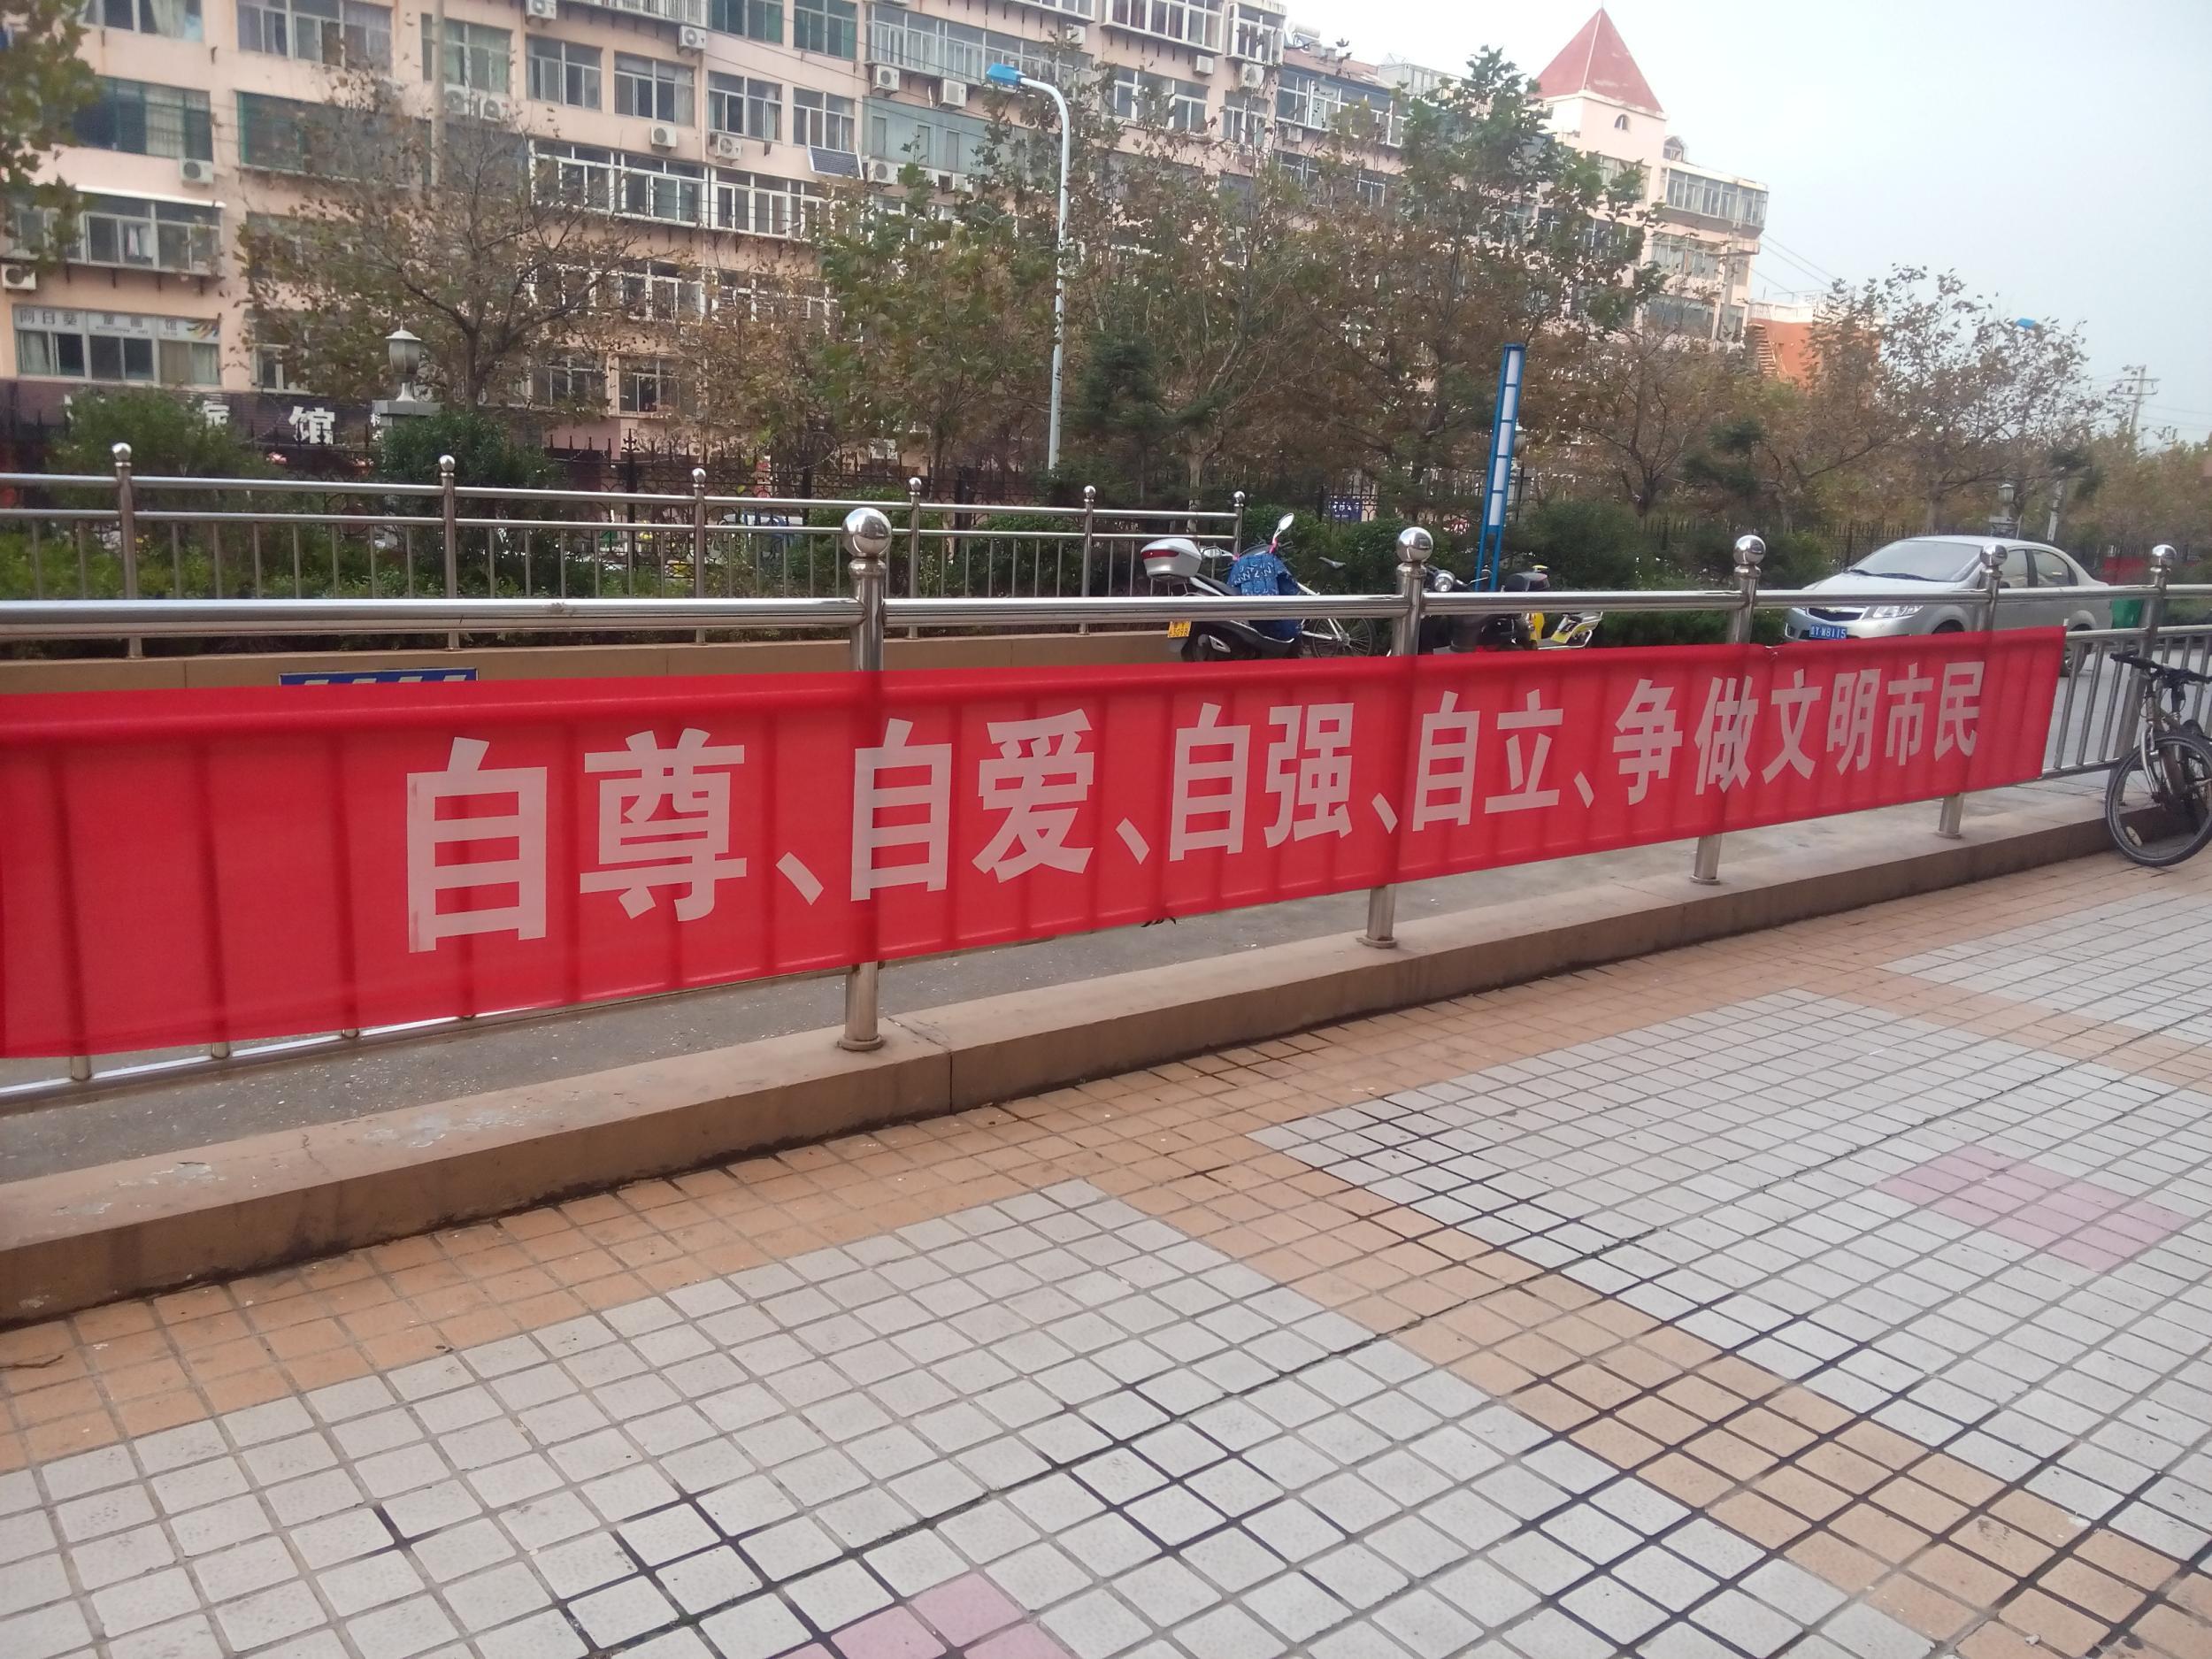 城市,共建美好家园的行动中来,通过采取在小区宣传栏内张贴文明公益广